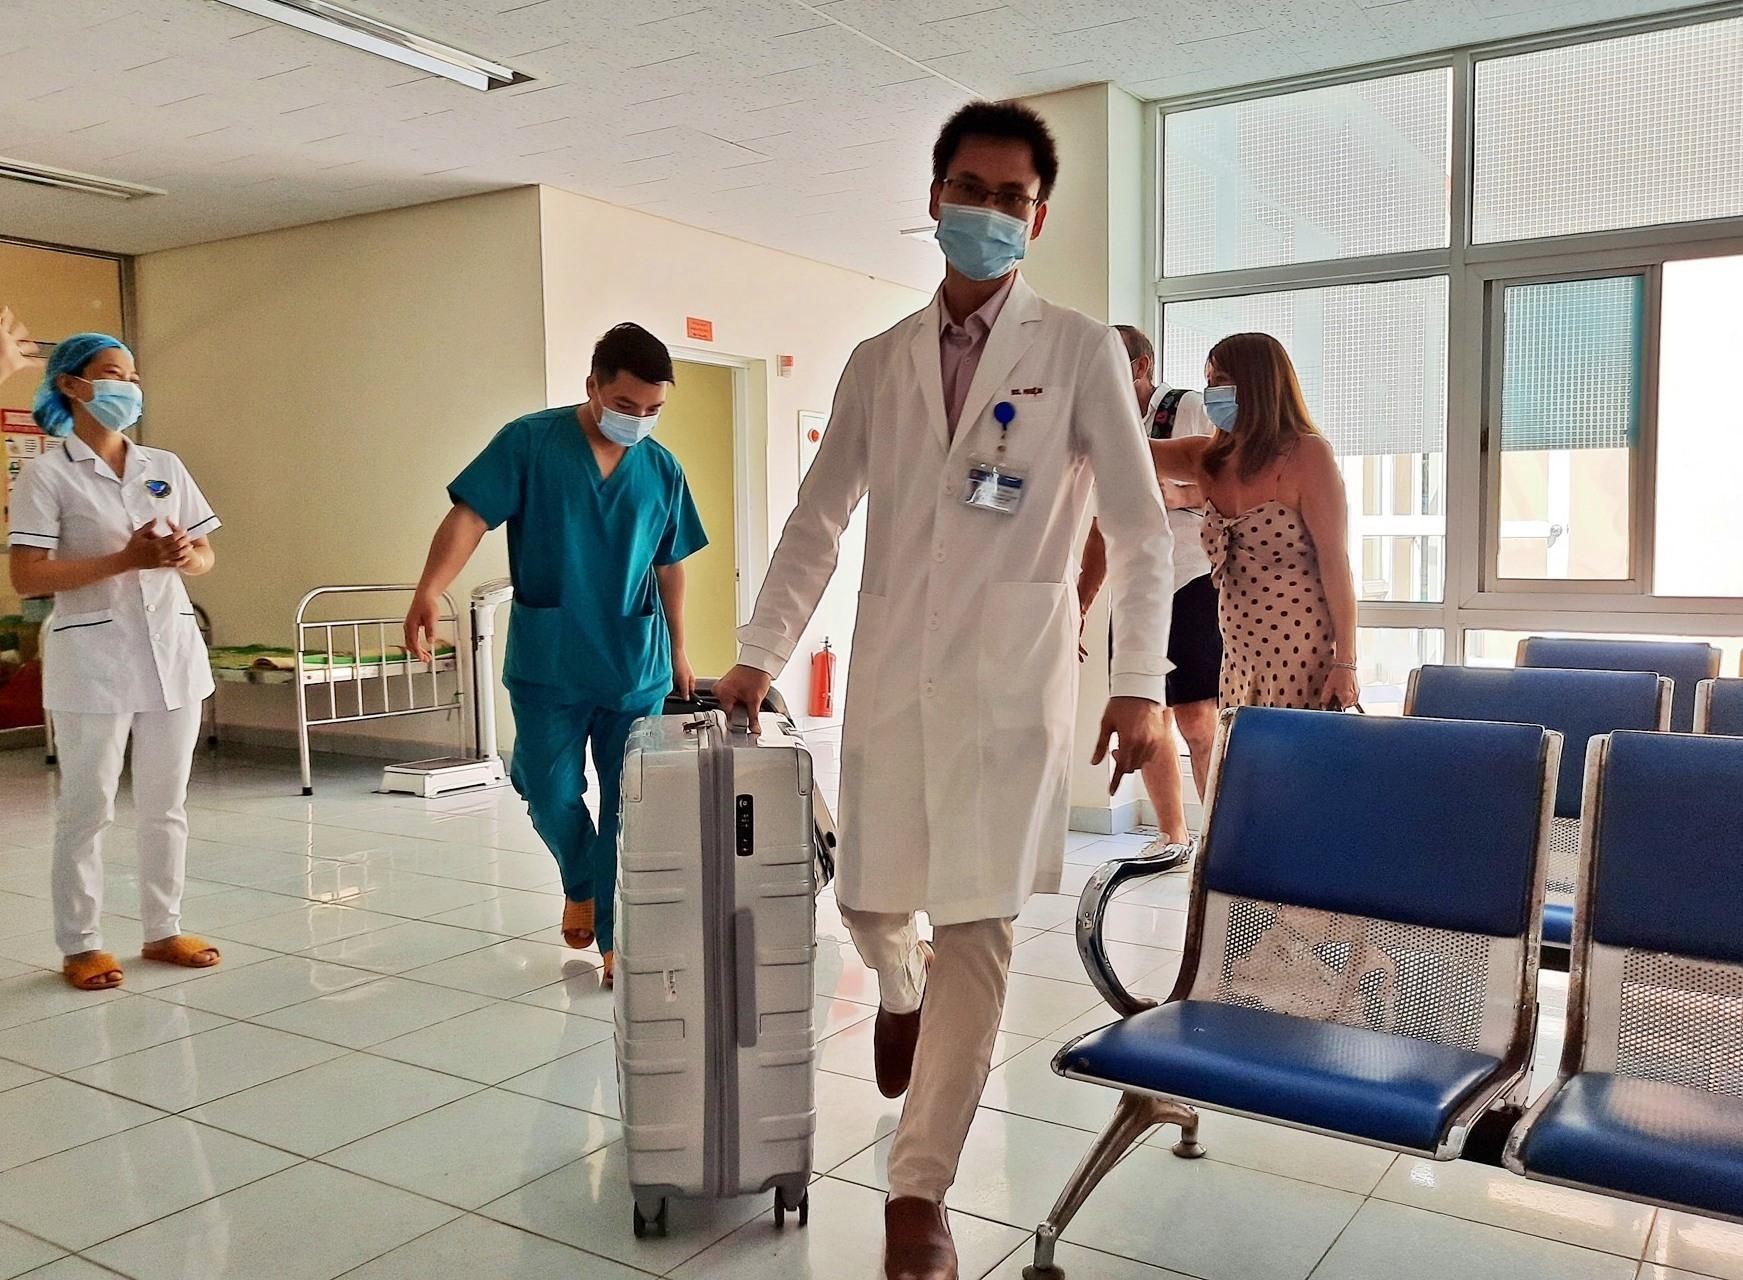 Các y bác sĩ khu cách ly phụ giúp vợ chồng người Anh mang hành lý lên xe. Ảnh: ĐẠO QUÂN